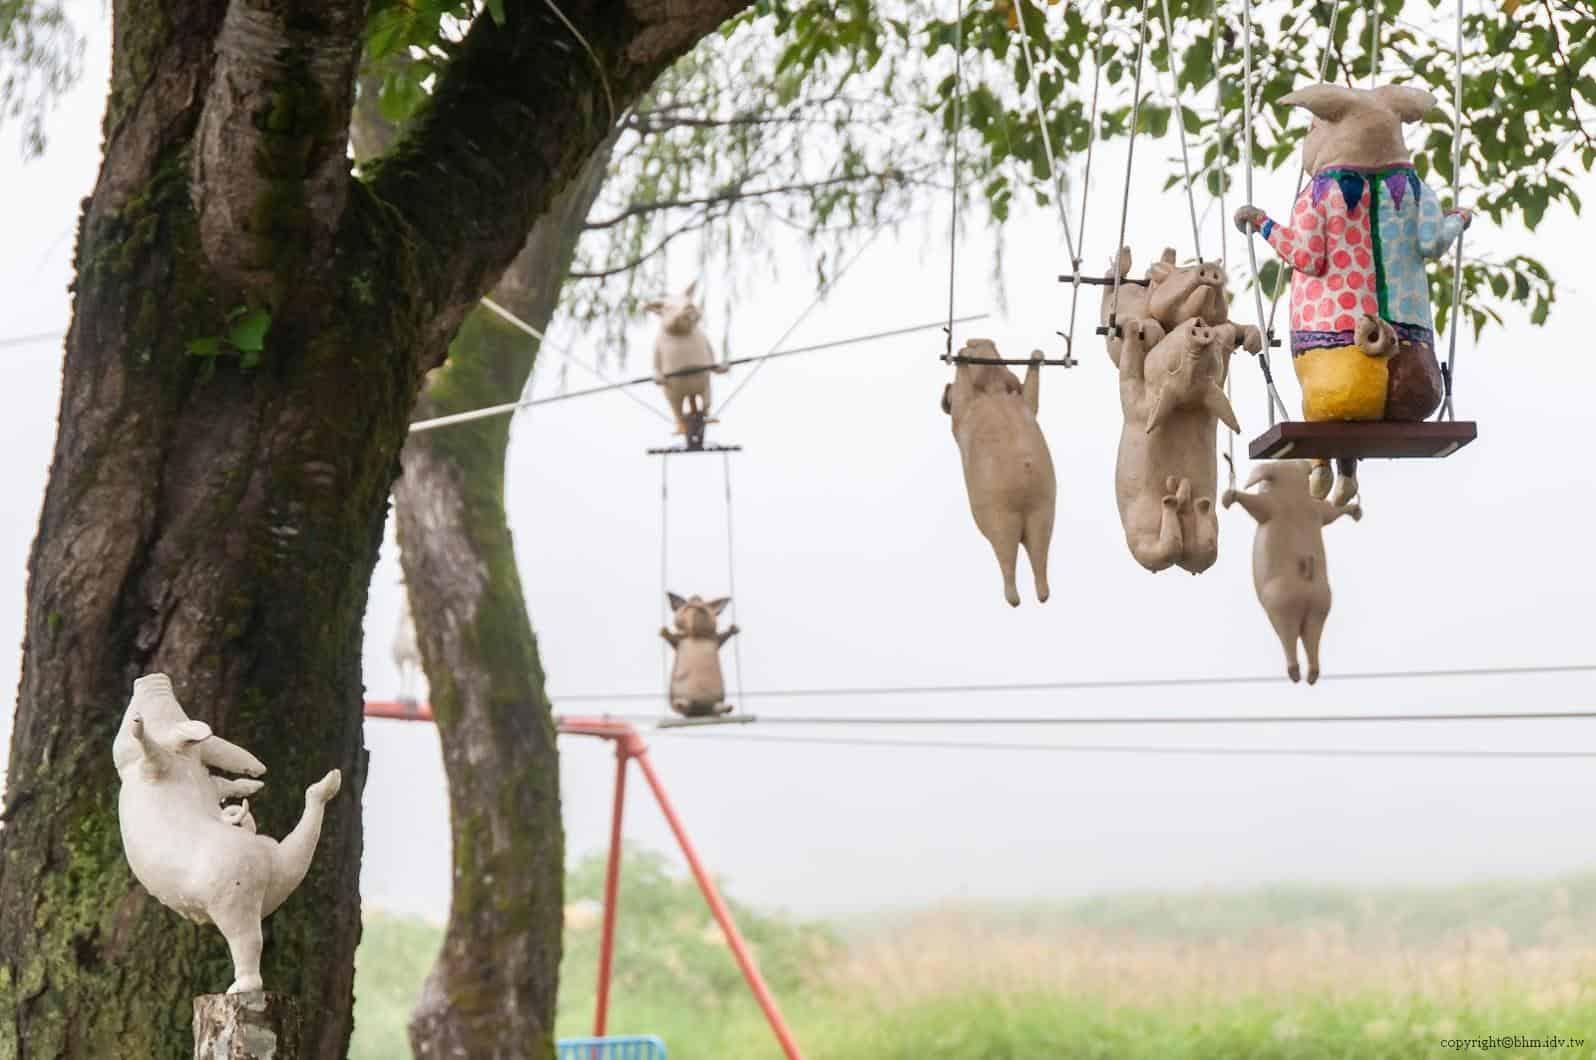 岡山富男,馬戲團@里山藝術動物園,每隻豬的動作與表情各有其風景 里山藝術動物園 里山藝術動物園 satoyama art zoo07